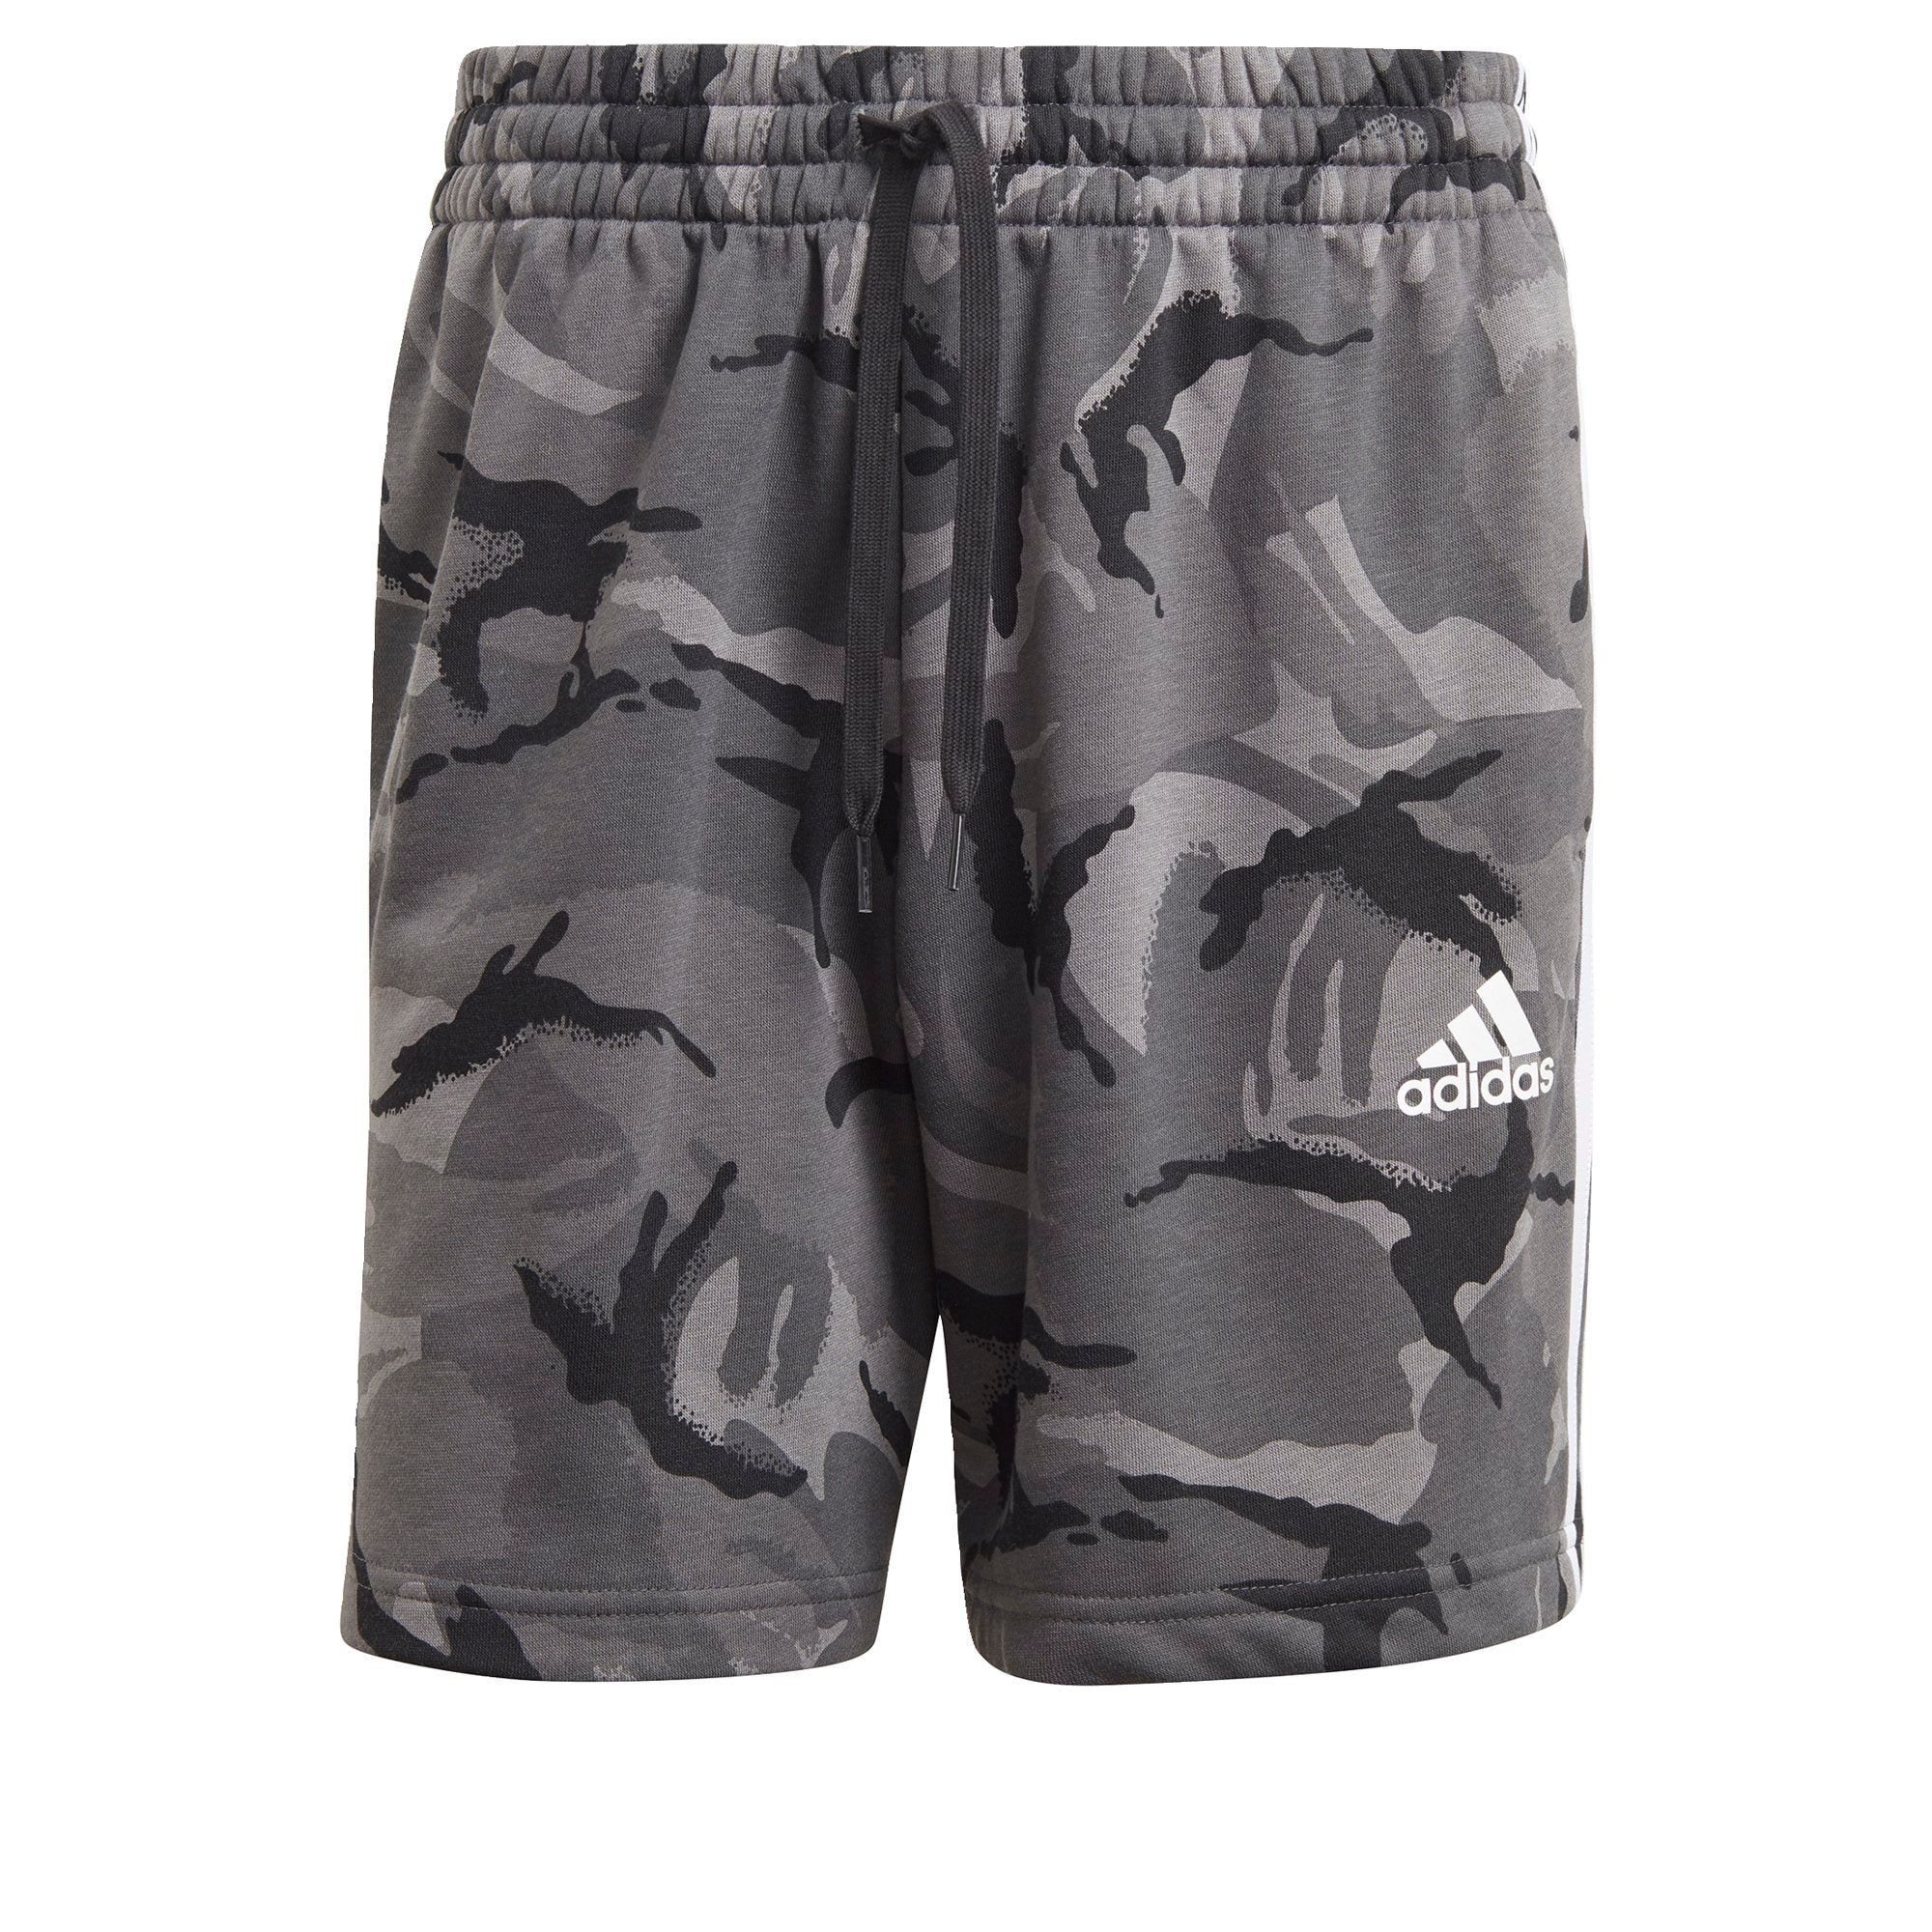 ADIDAS PERFORMANCE Sportinės kelnės juoda / pilka / šviesiai pilka / balta